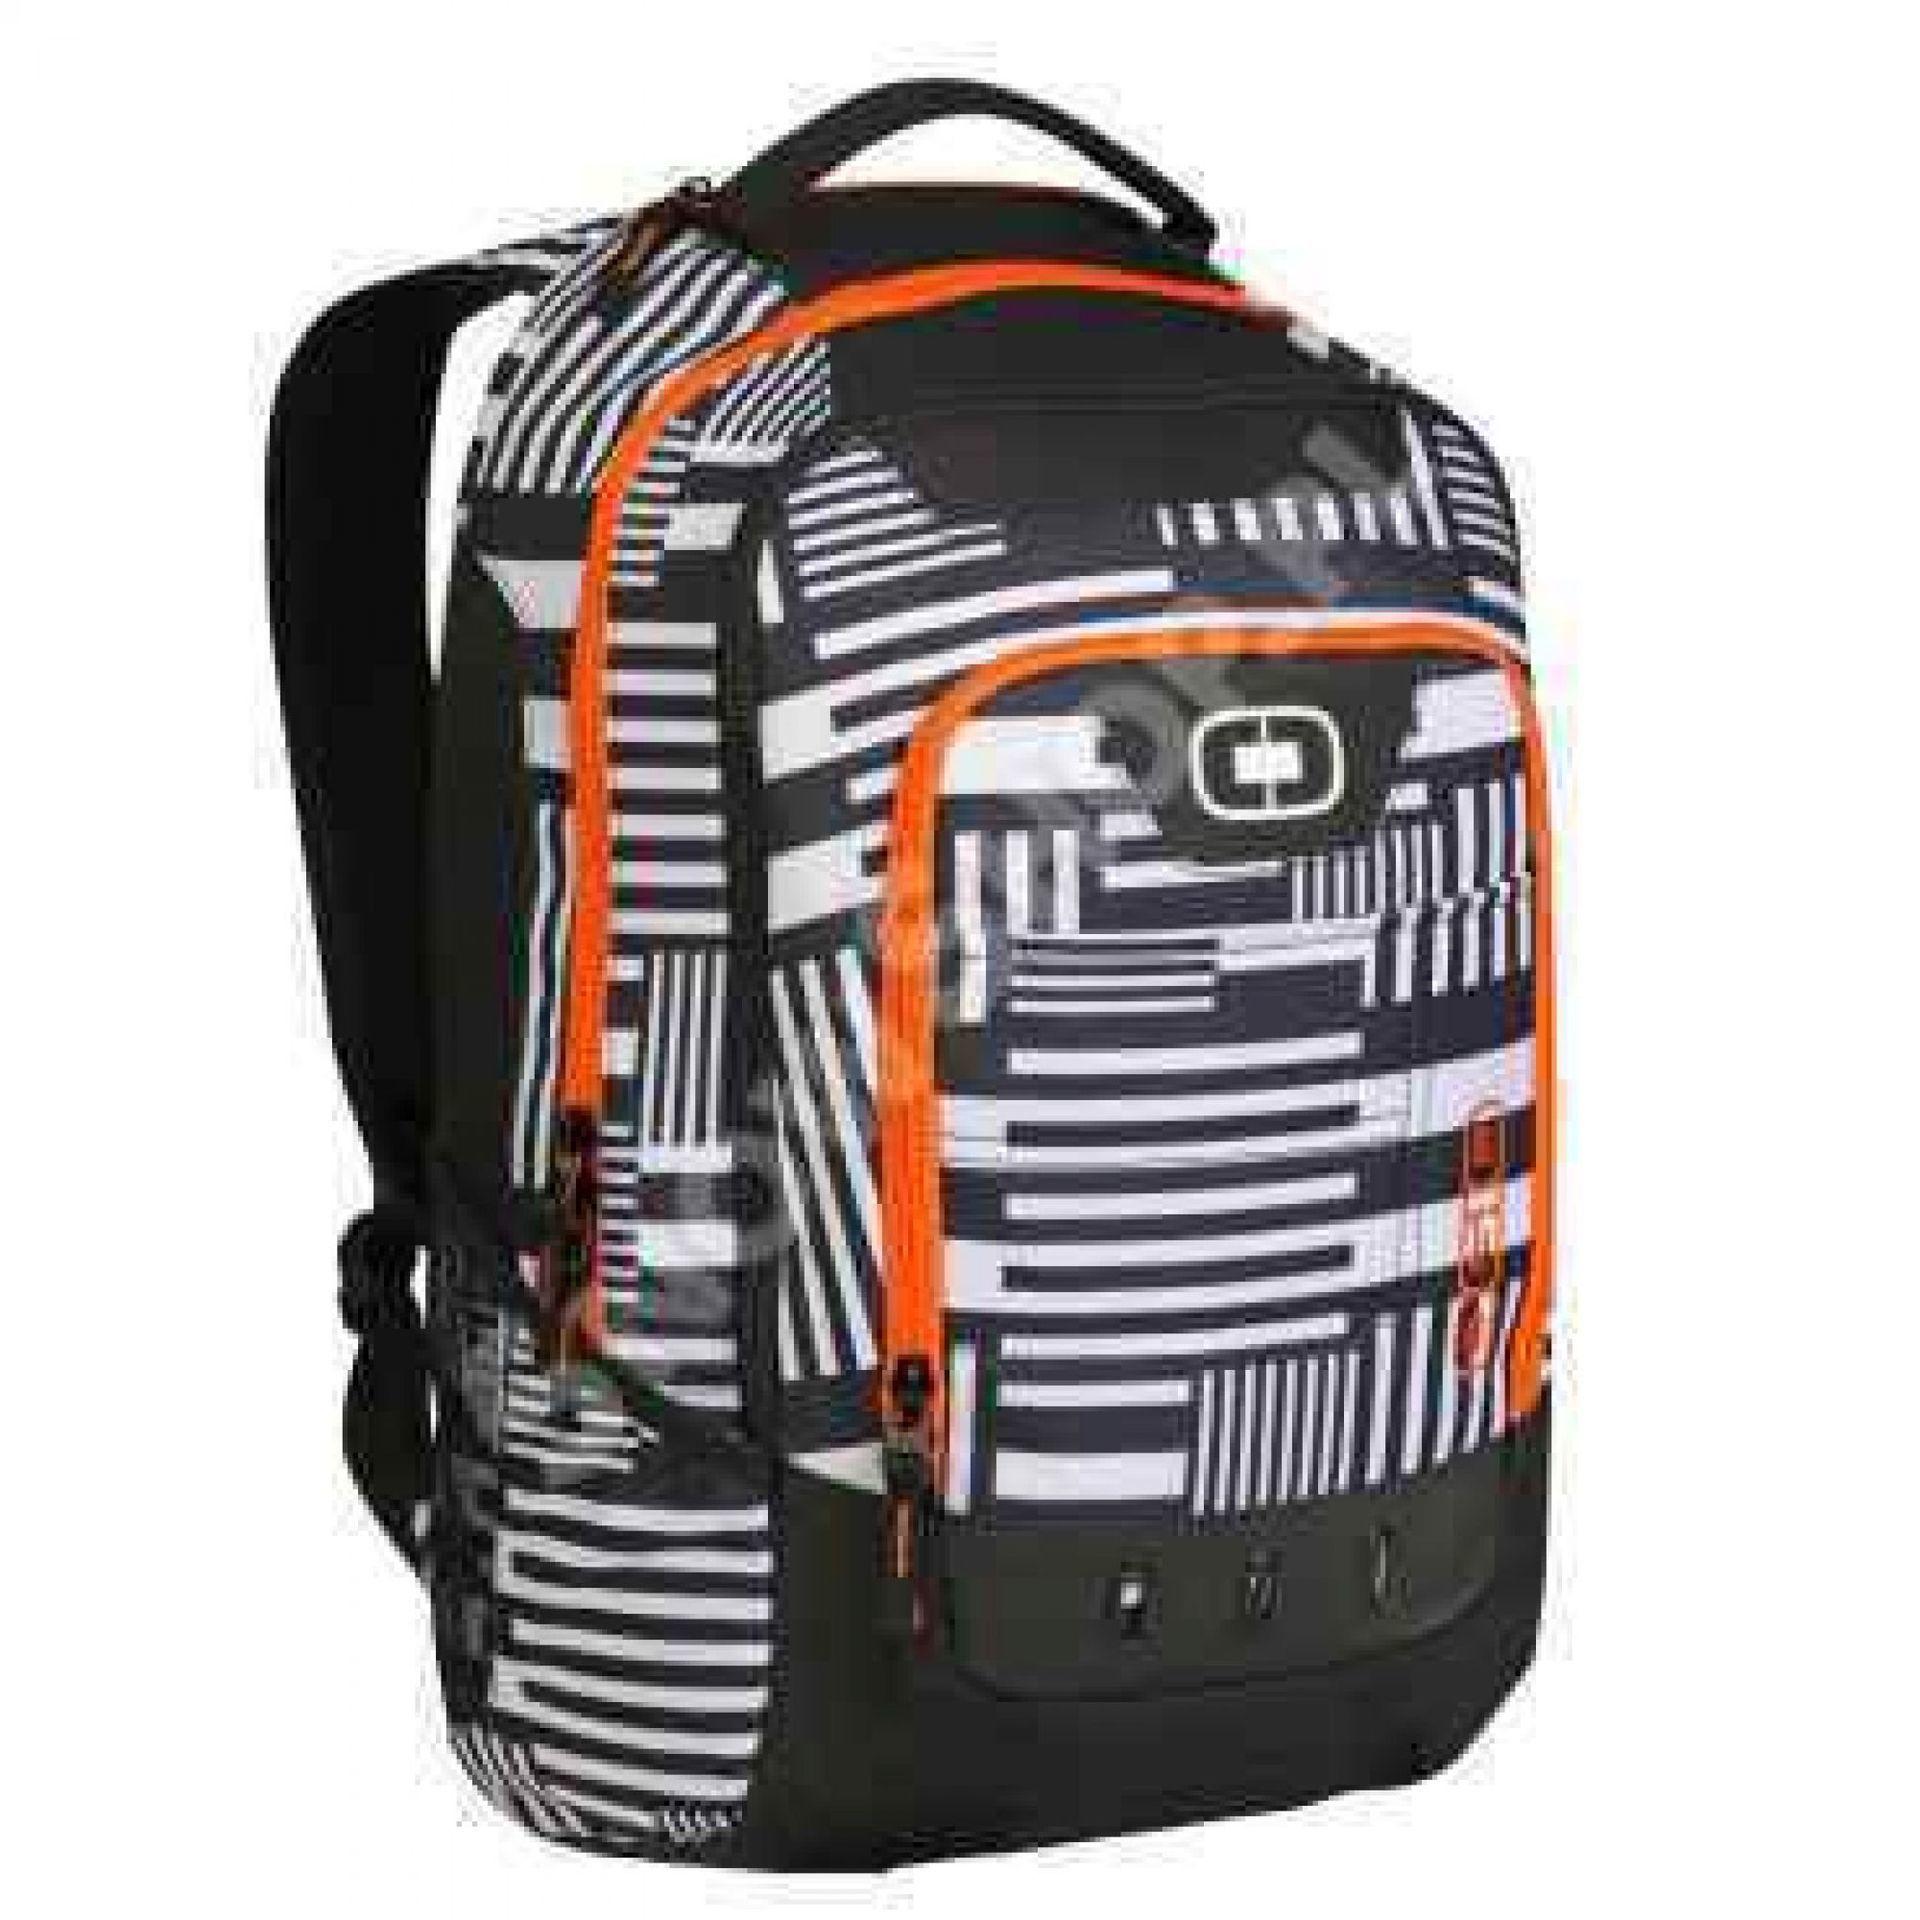 Plecak Ogio Operative czarny|biały| pomarańczowy